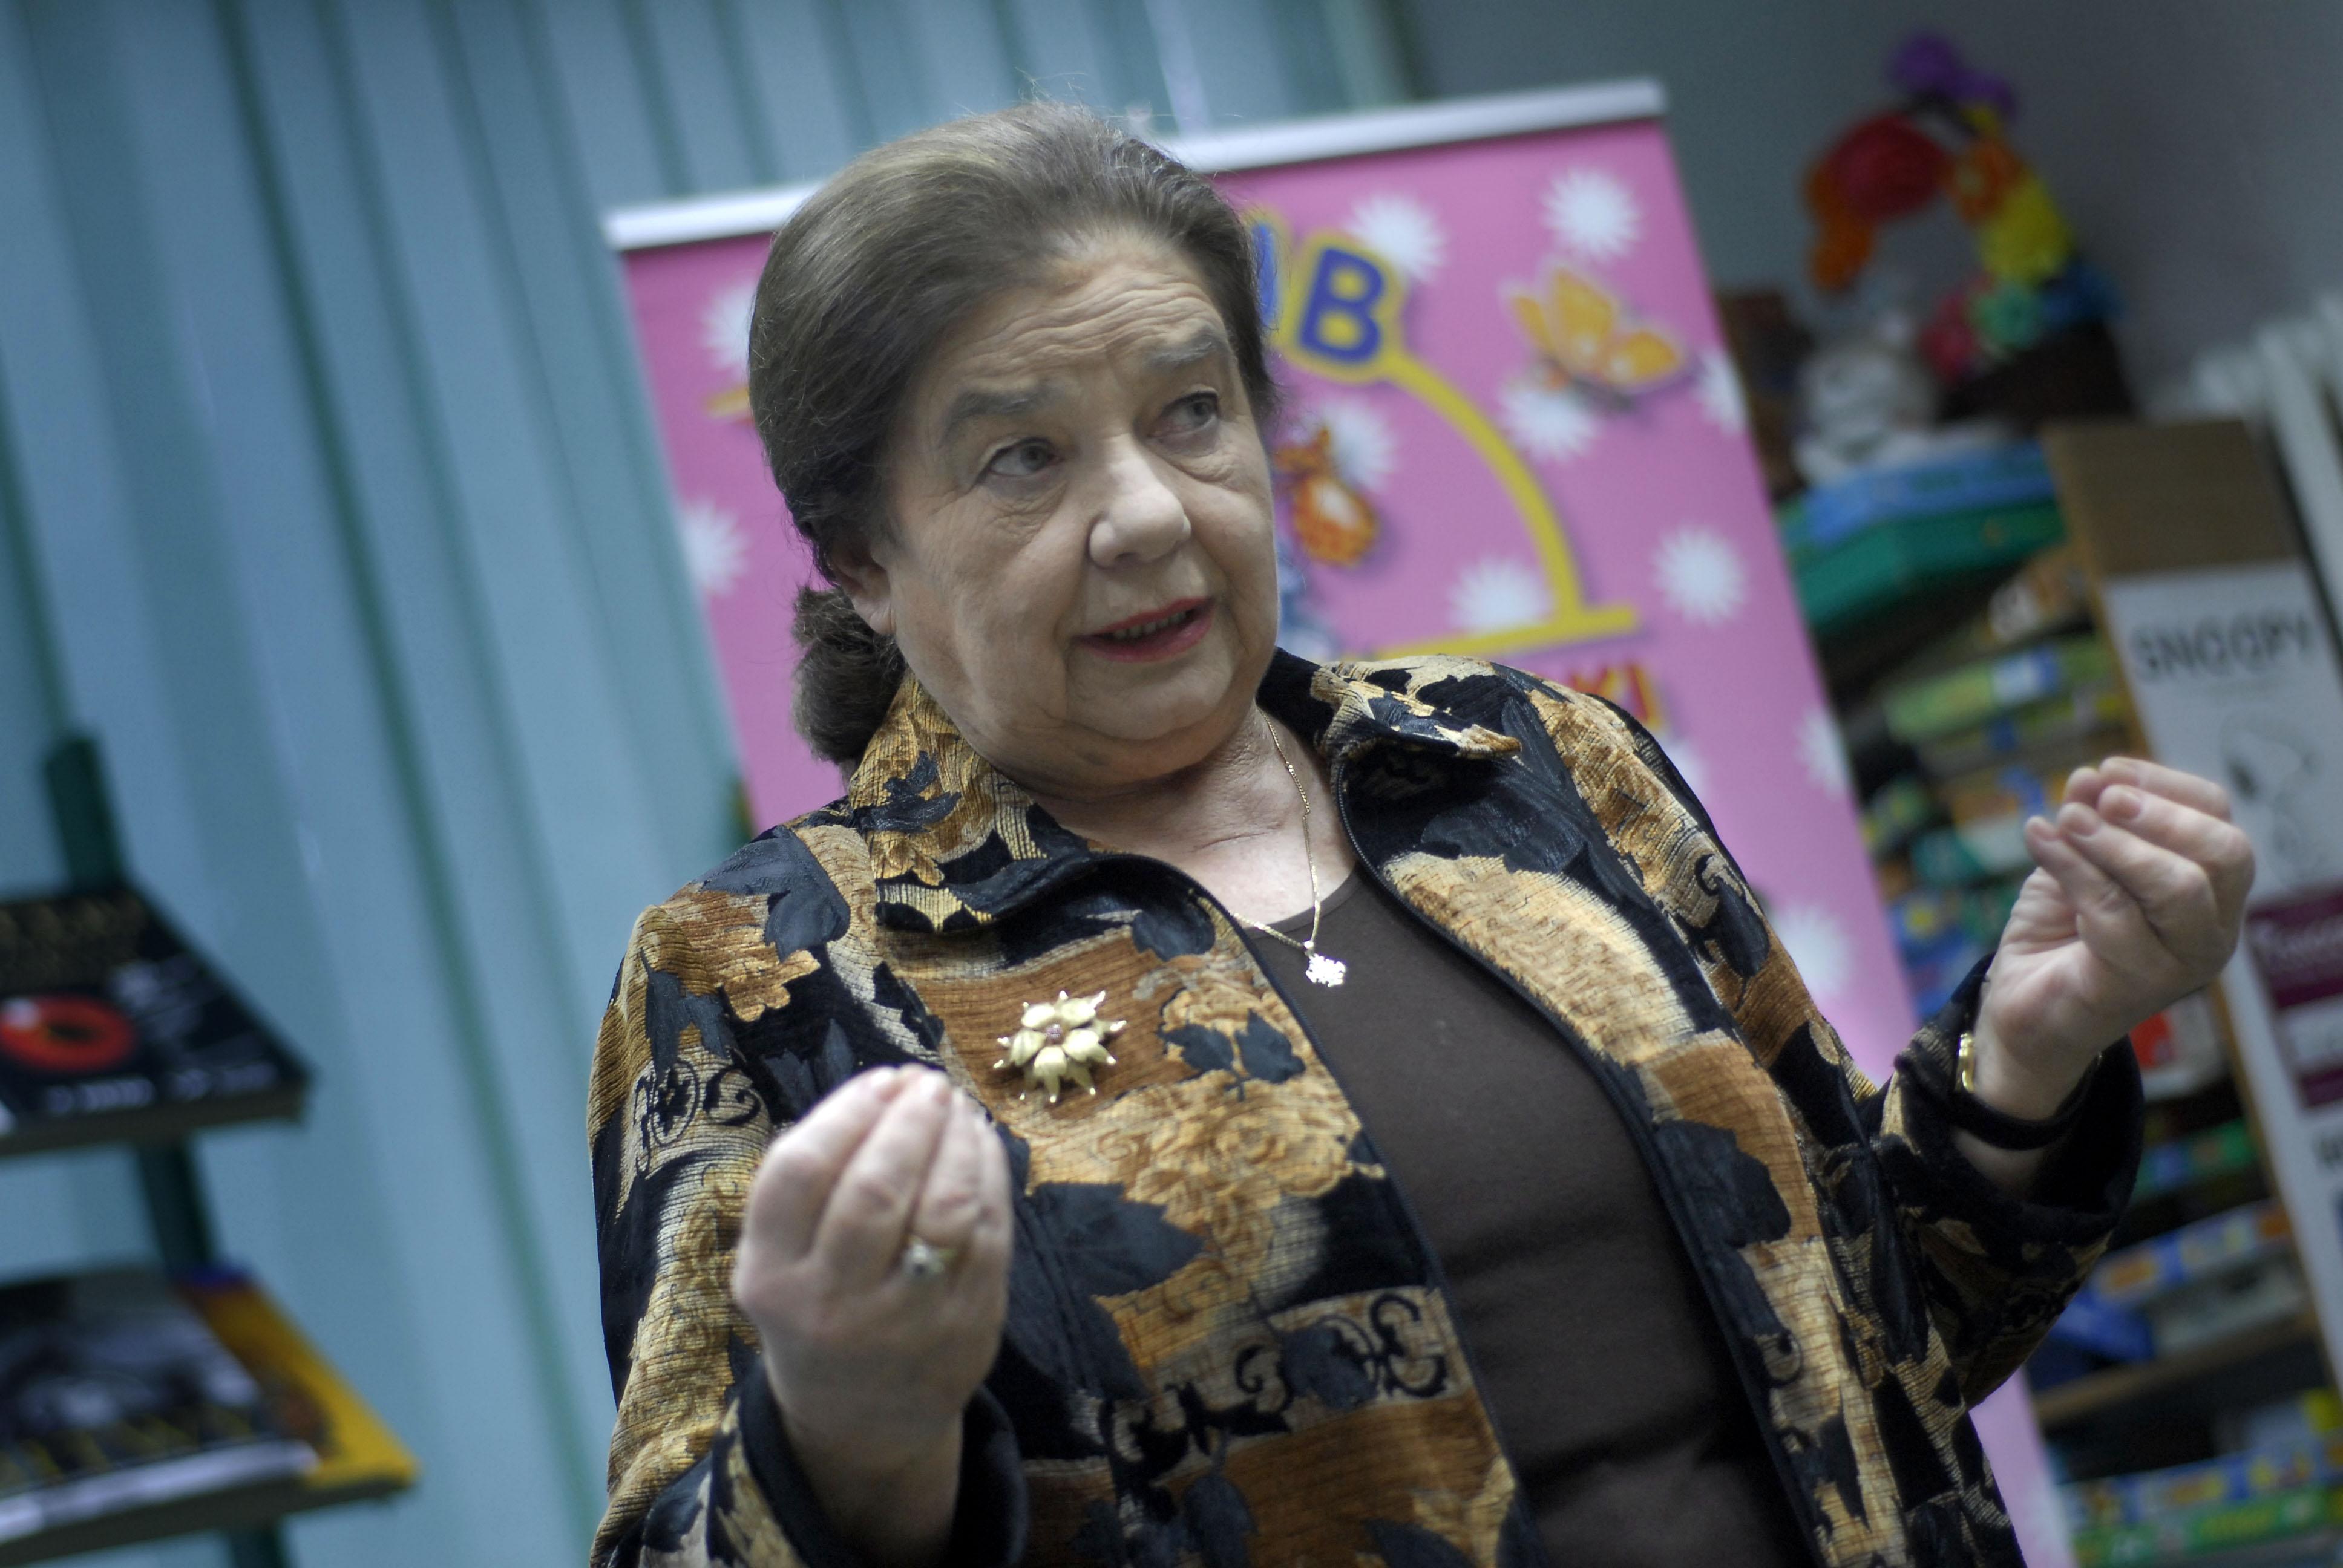 Życzenia dla Katarzyny Łaniewskiej, która obchodzi 85. urodziny